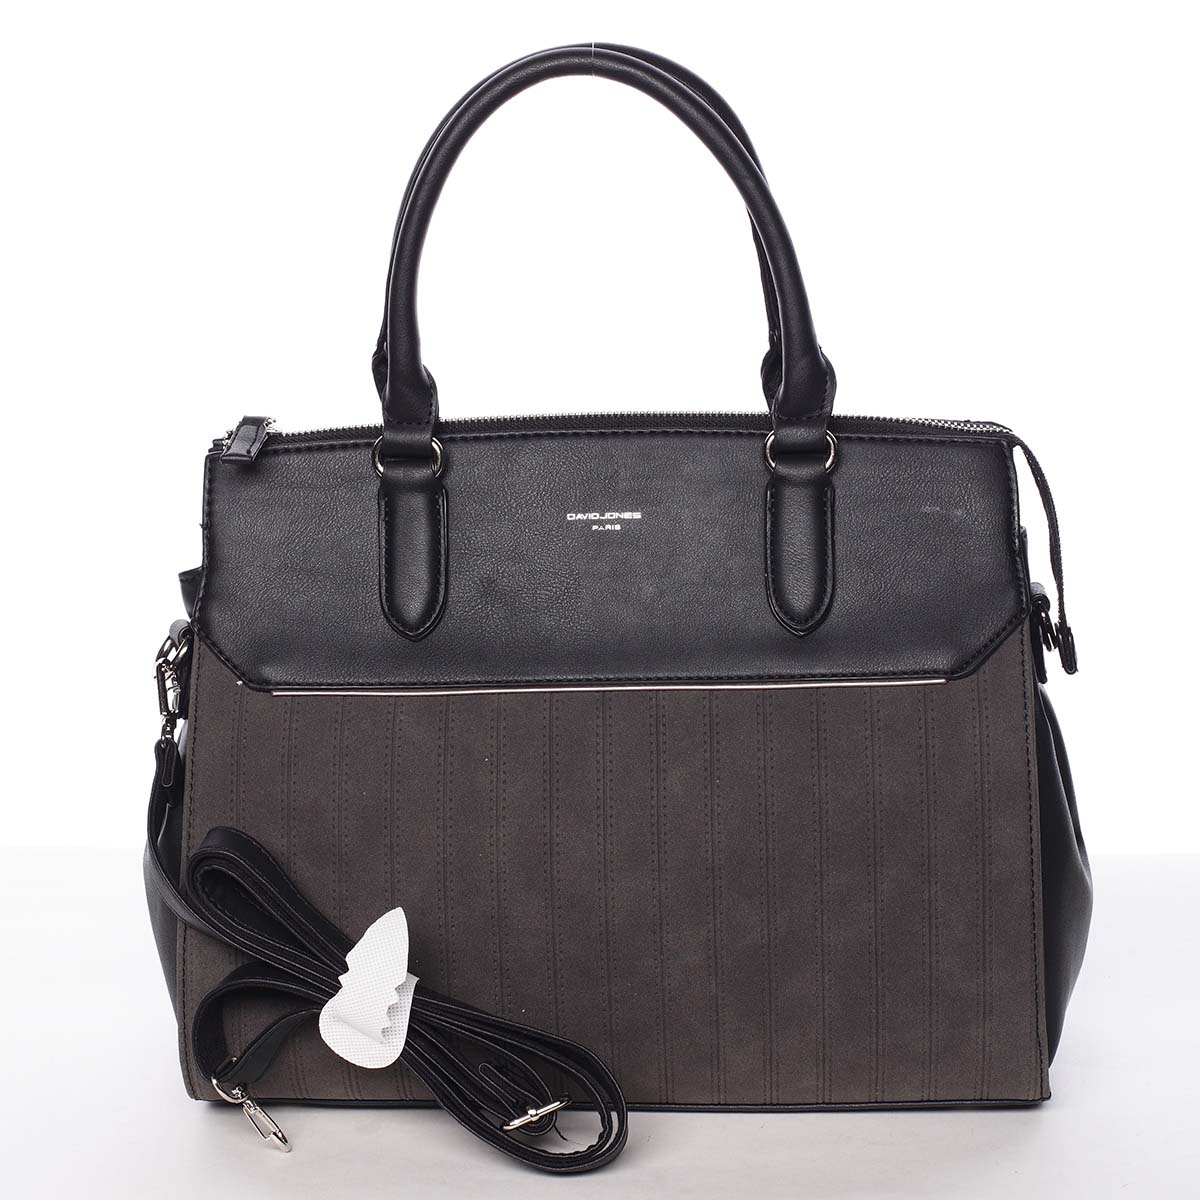 Luxusní nadčasová dámská černá kabelka - David Jones Allison